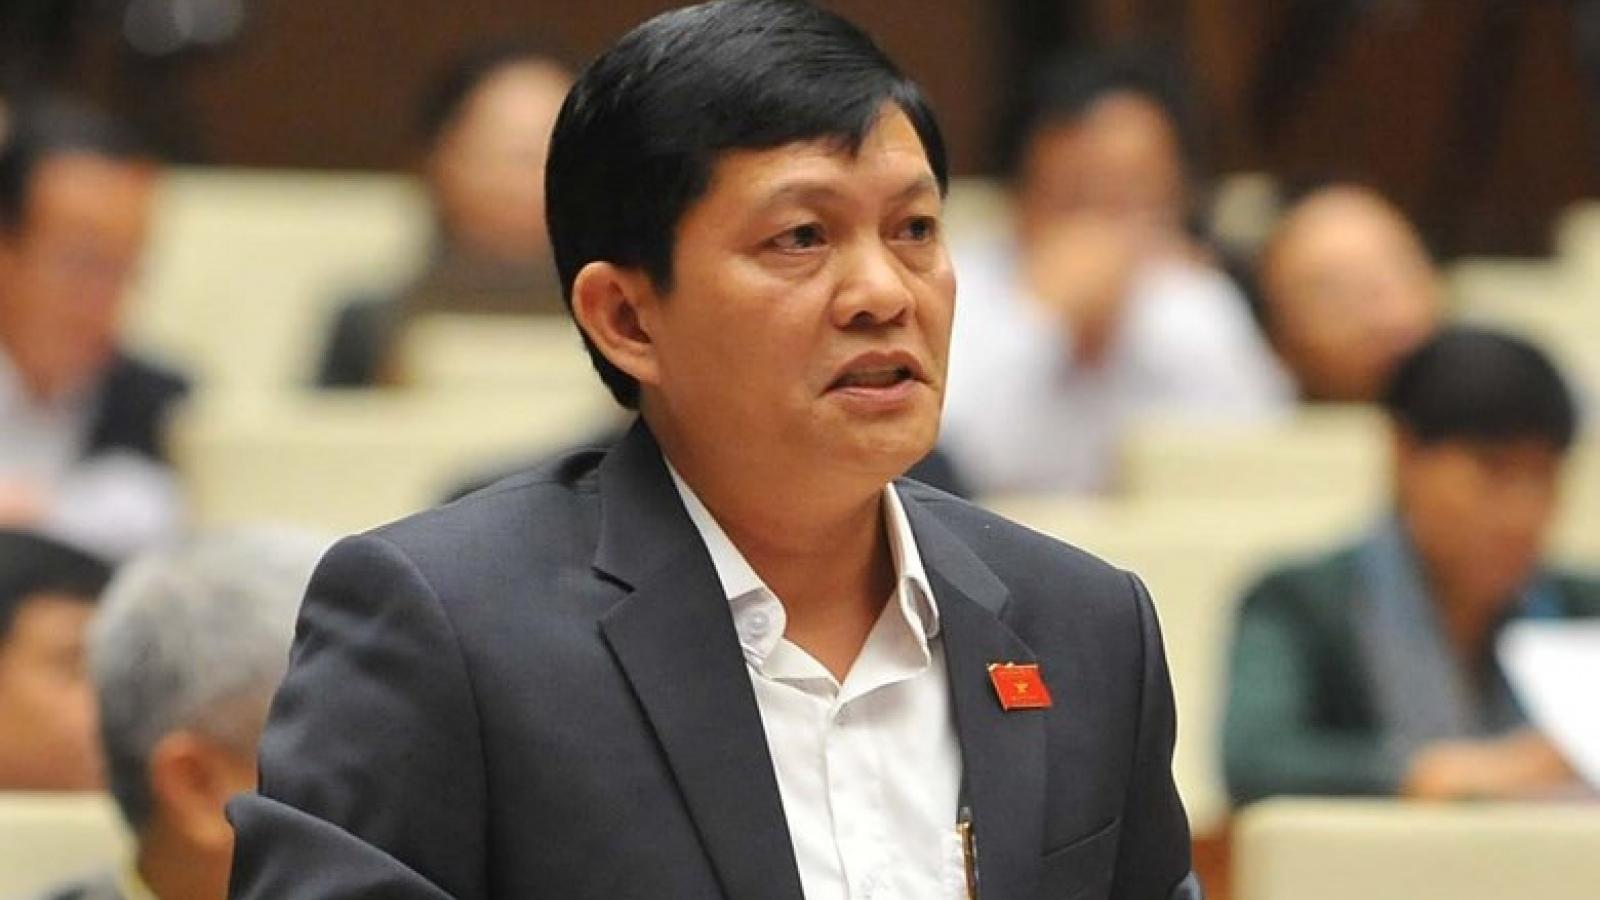 TPHCM sẽ đề nghị bãi nhiệm tư cách Đại biểu Quốc hội của ông Phạm Phú Quốc